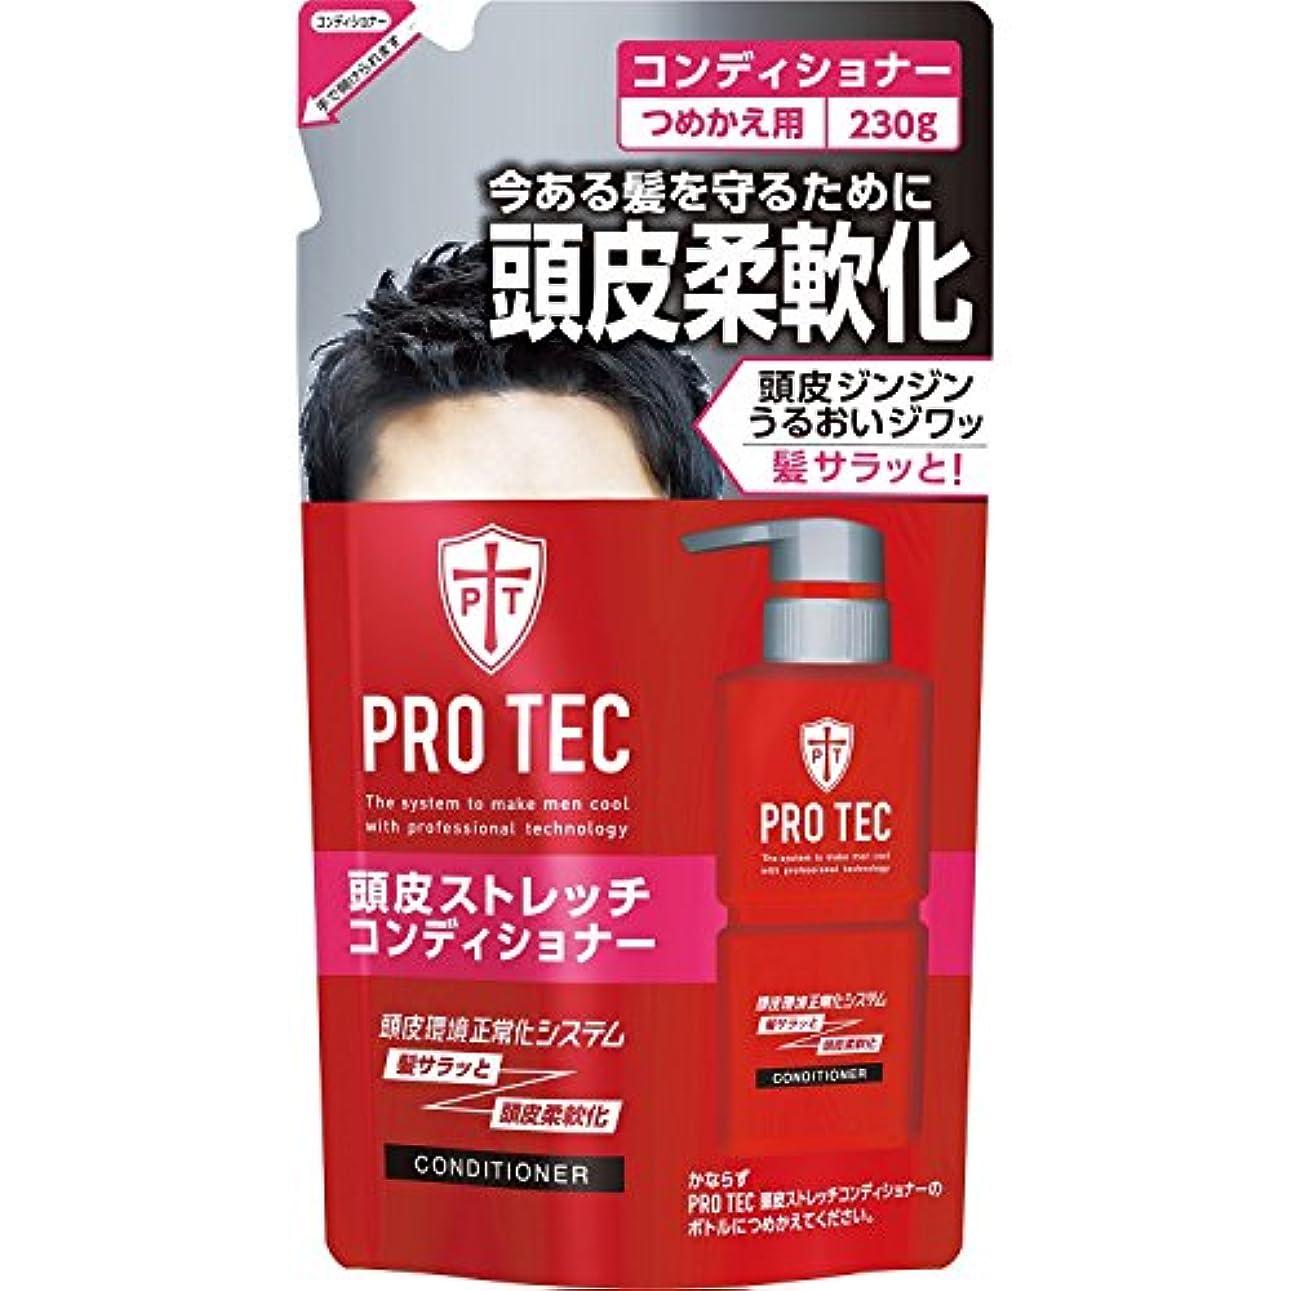 戦闘慈悲すごいPRO TEC(プロテク) 頭皮ストレッチコンディショナー つめかえ用 230g ×10個セット